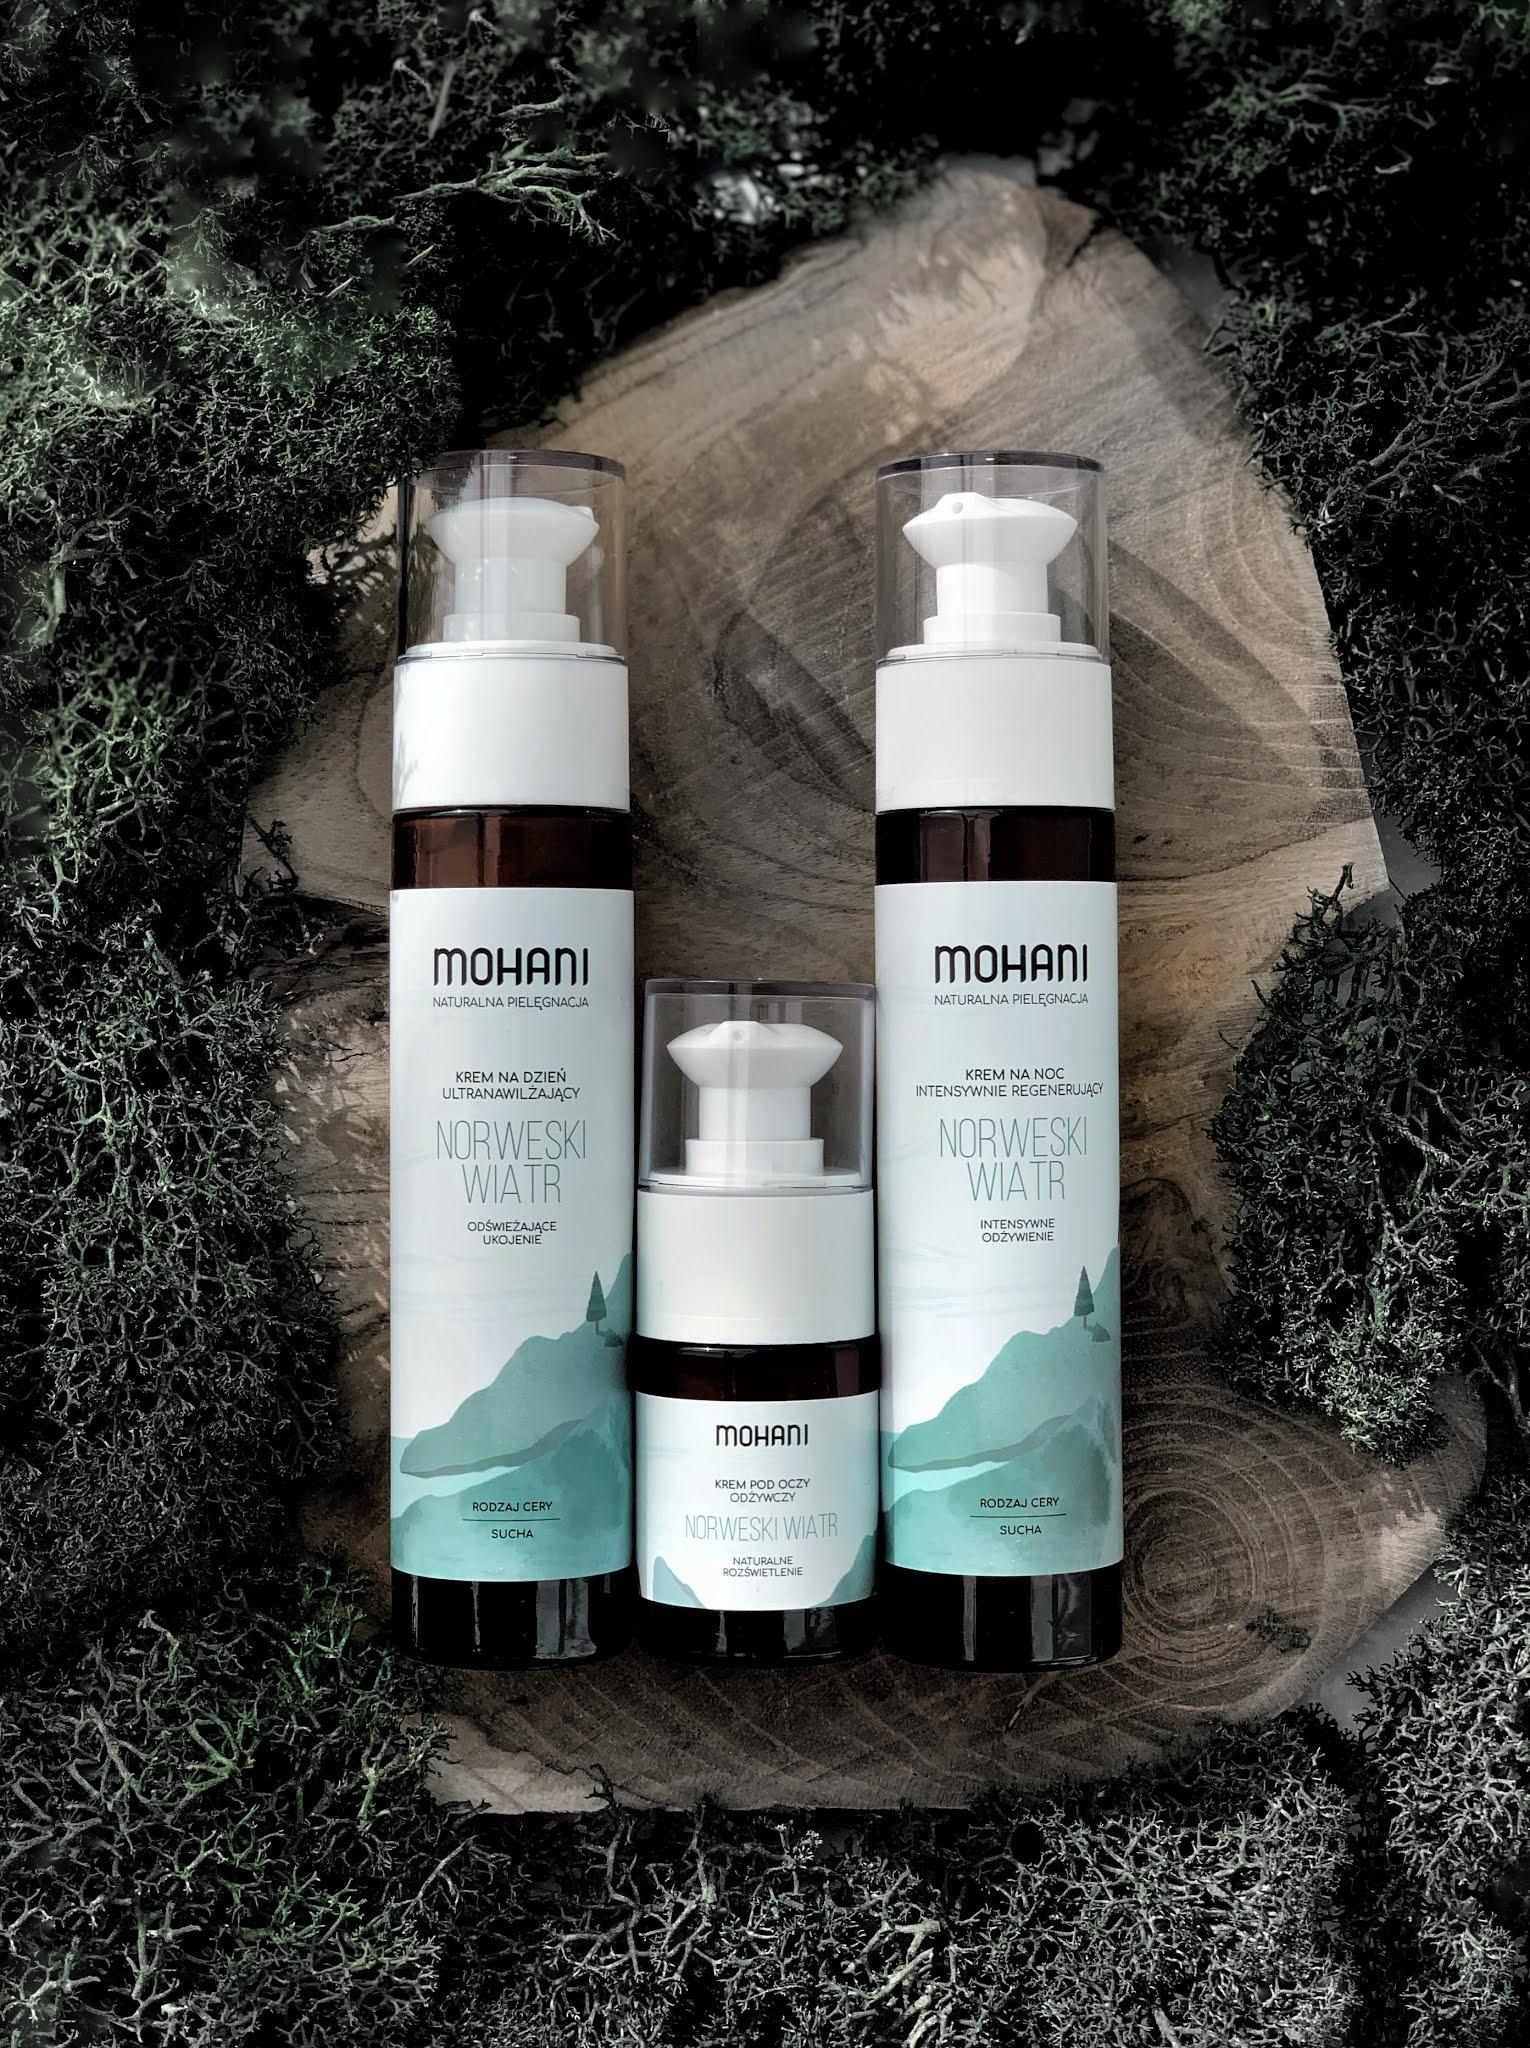 Norweski Wiatr - nowa seria kosmetyków Mohani